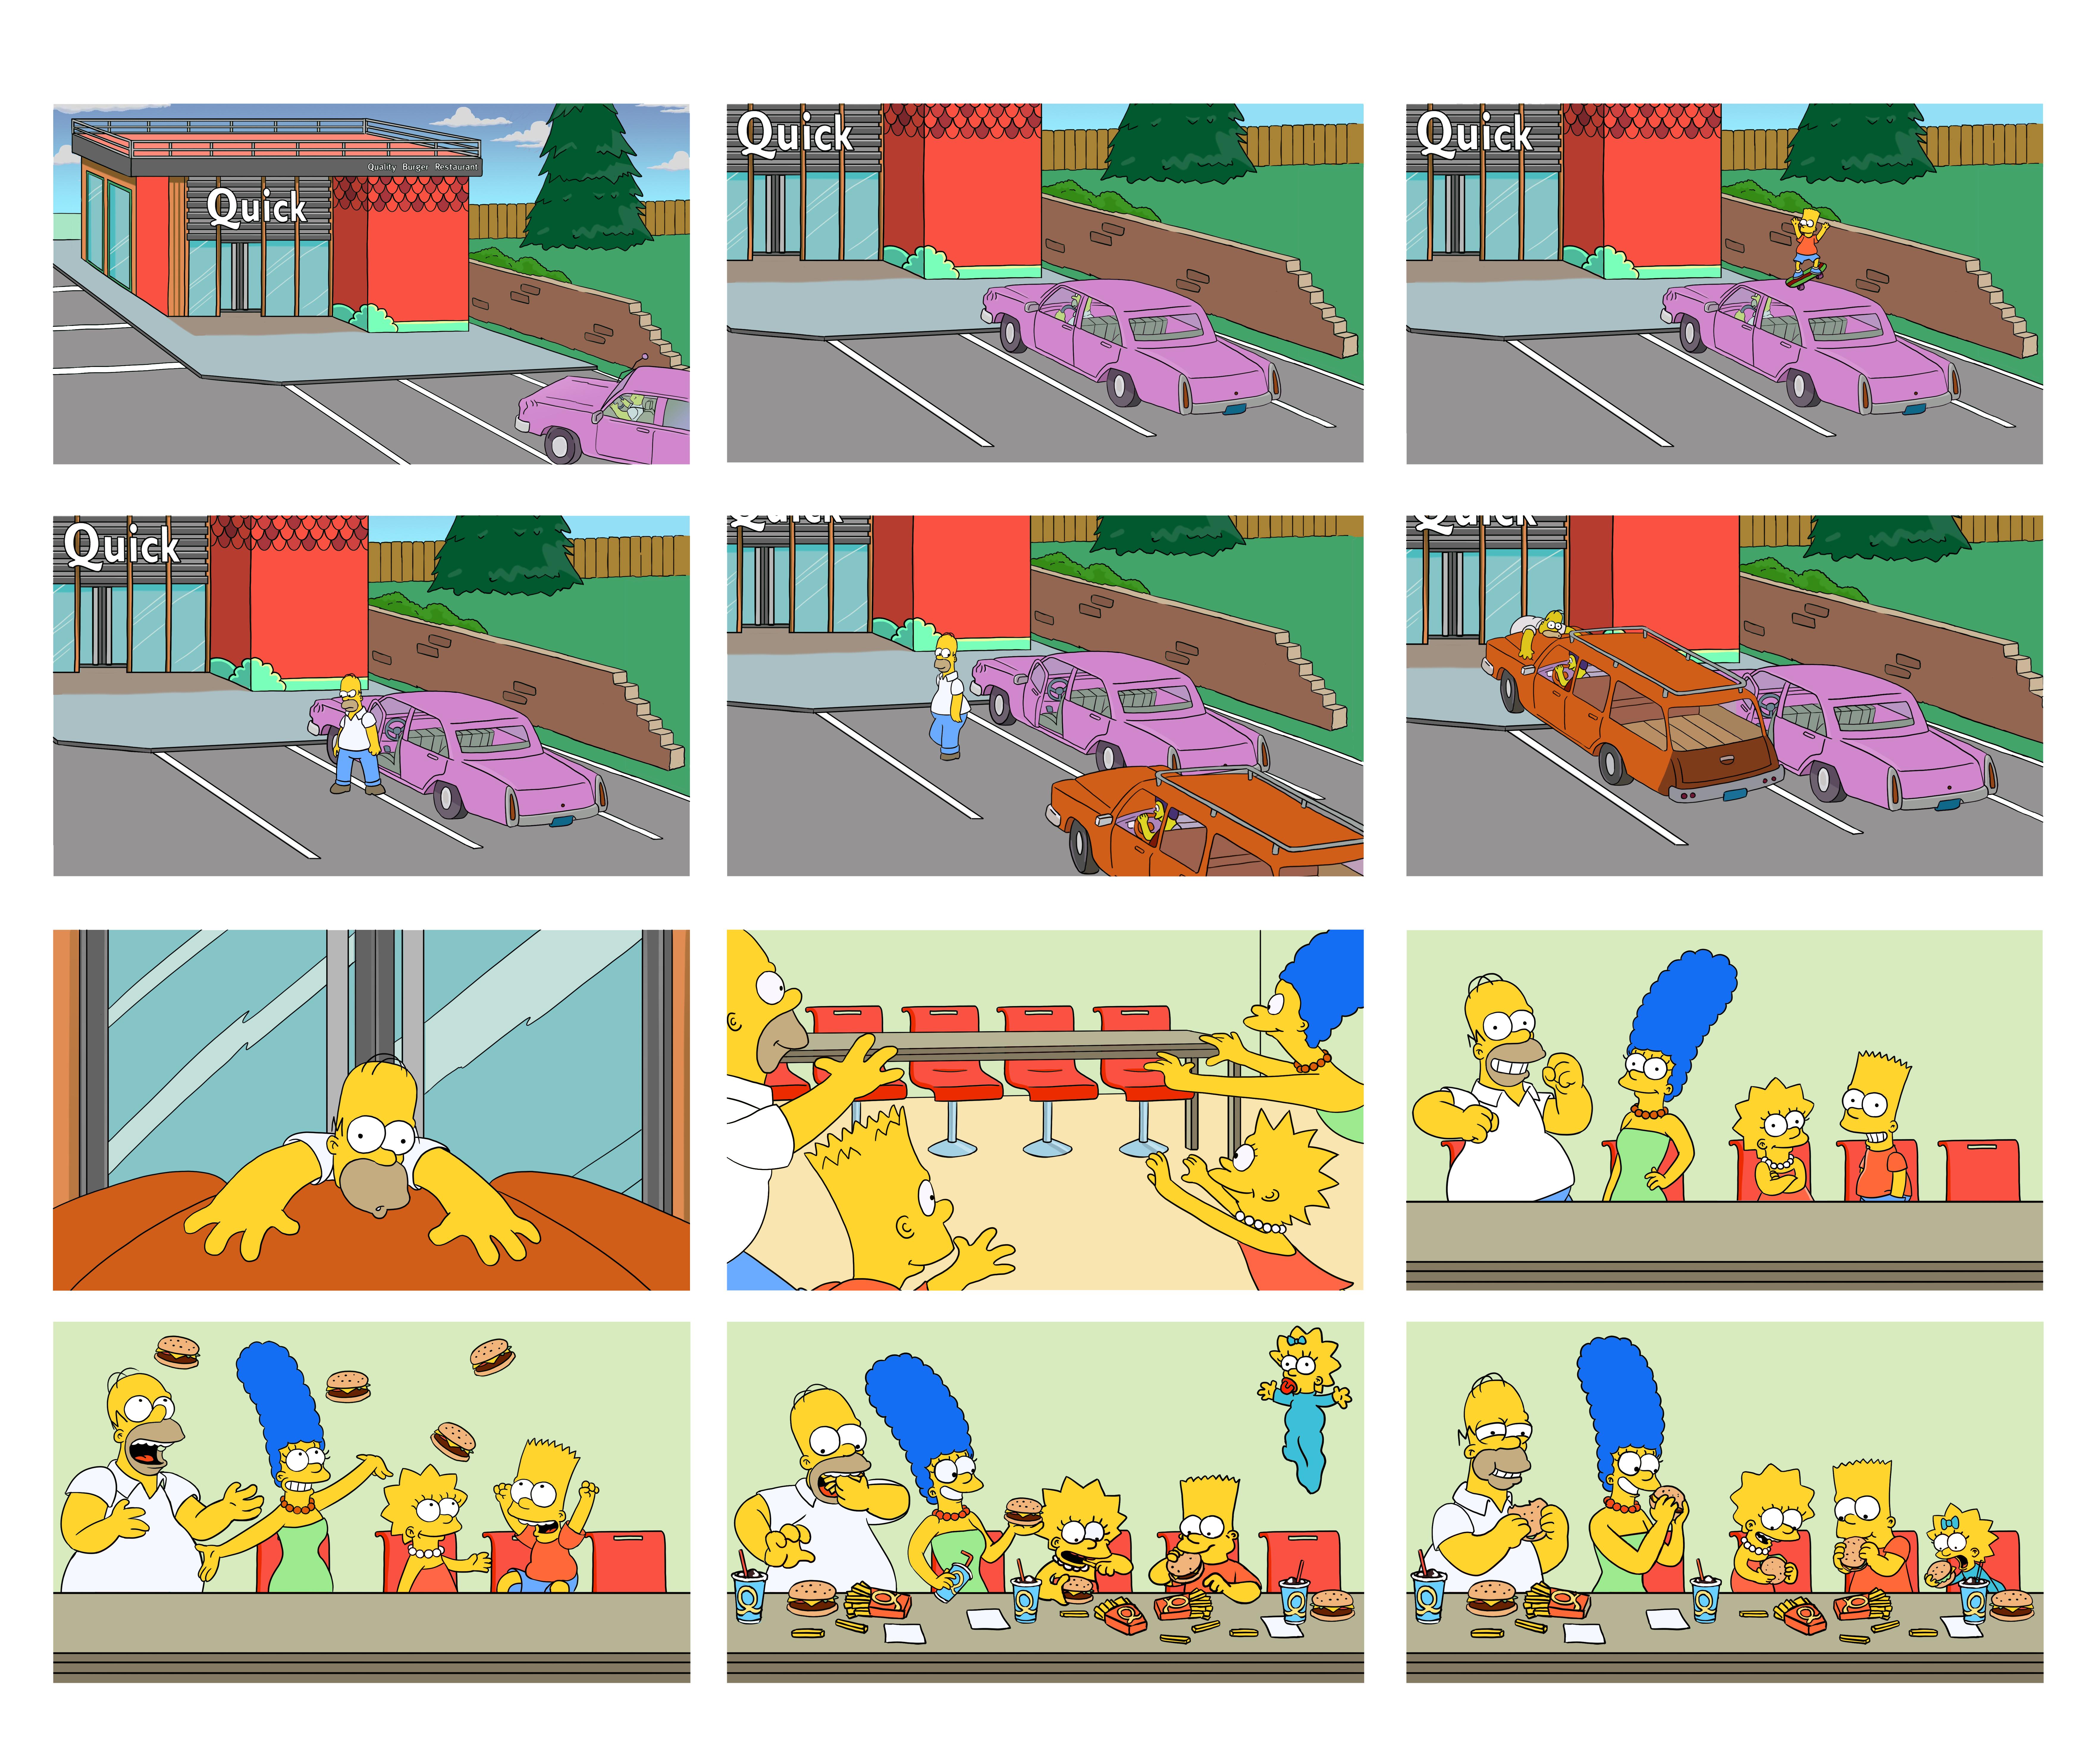 Board Quick 2 Simpson